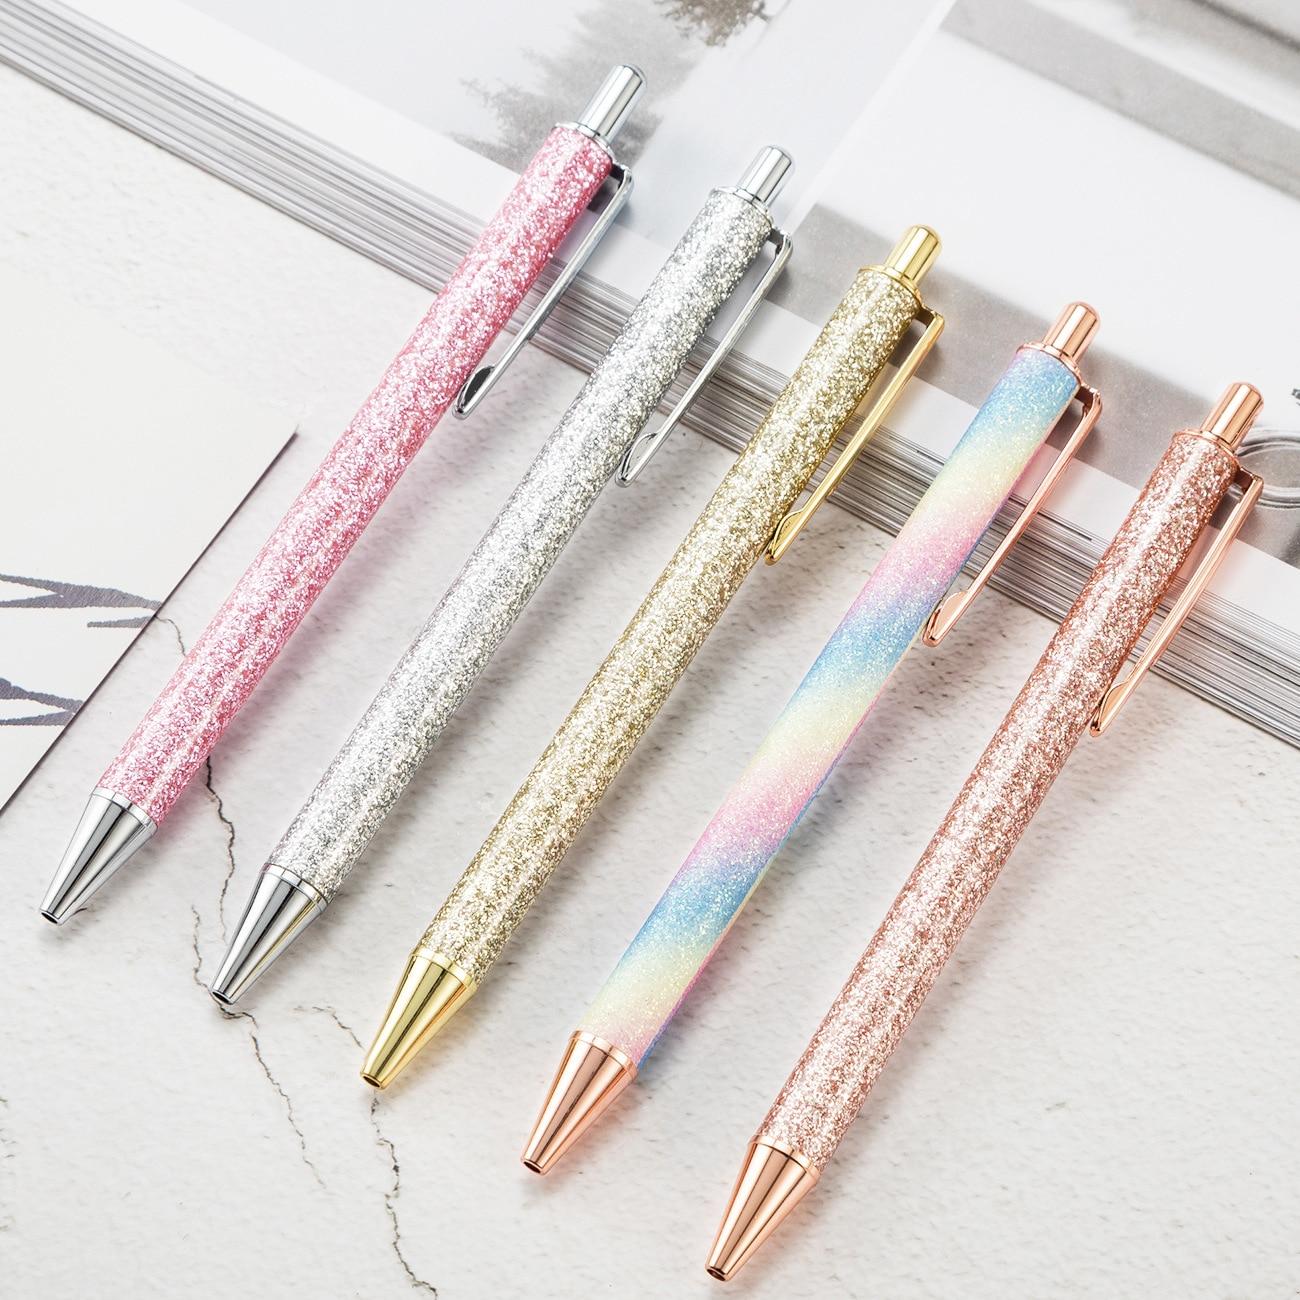 1pcs Kawaii Ball Pens Glitter Metal Ballpen Ballpoint Pens Student Pens For School Stationery Office Supplies 1.0mm